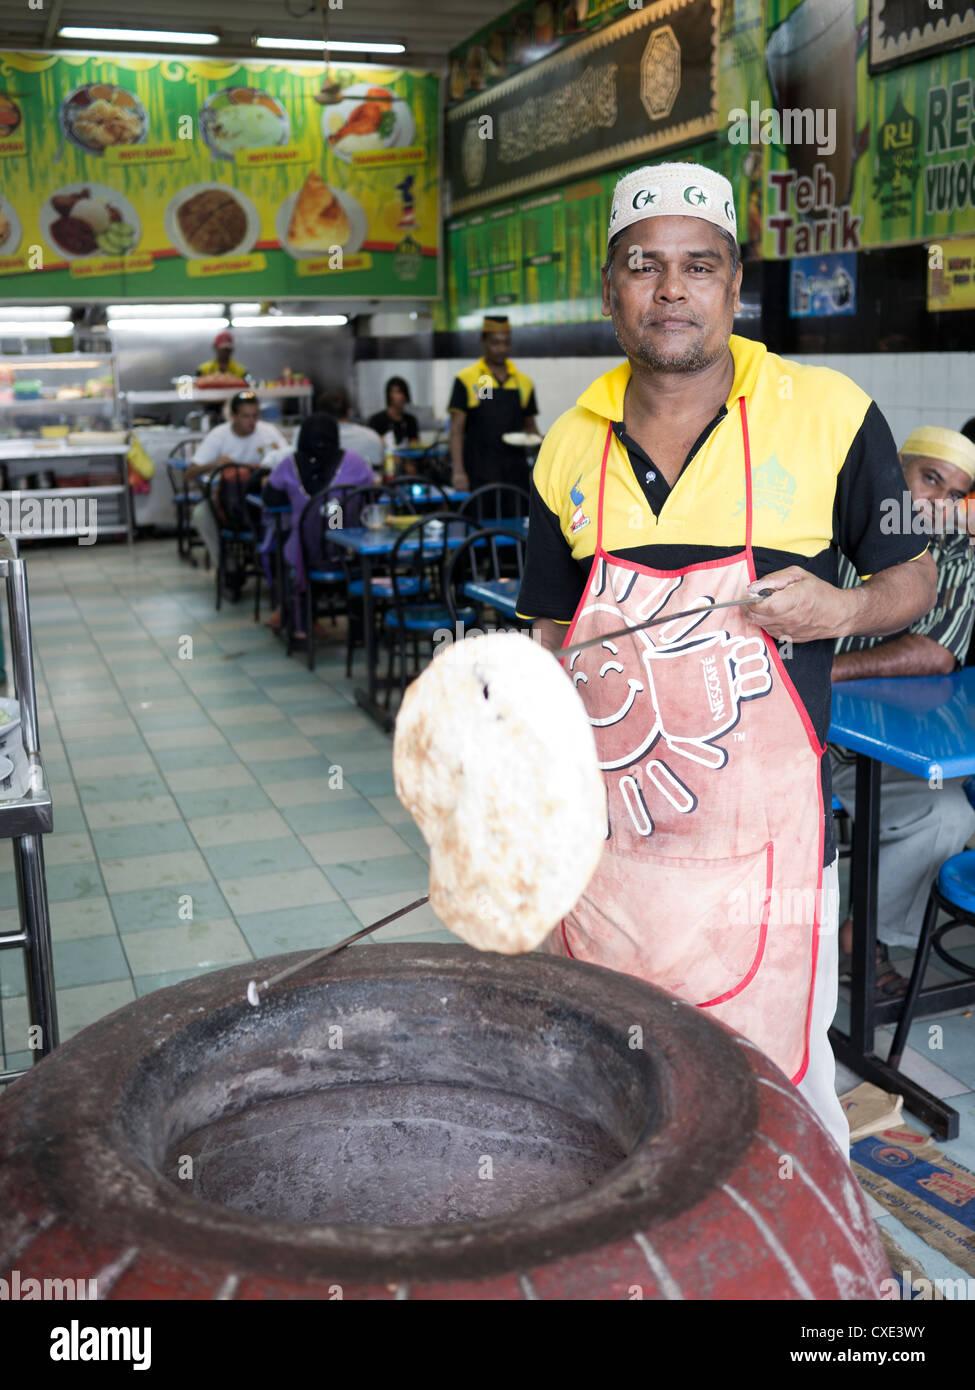 La cottura indiano piatto pane, Little India, Kuala Lumpur, Malesia Immagini Stock